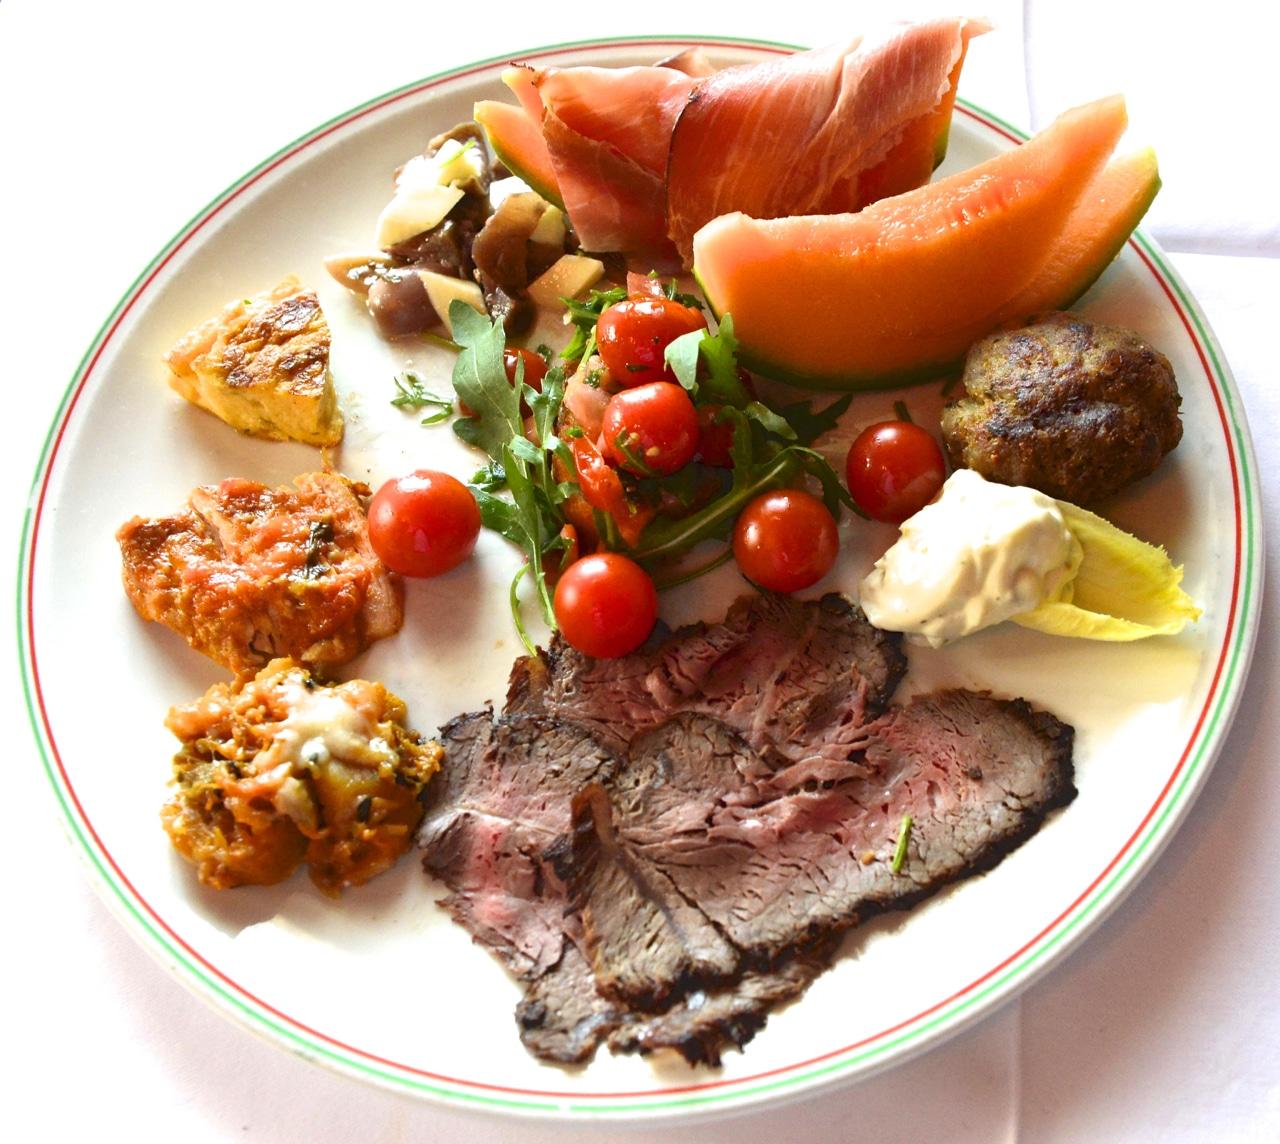 Das enthält der Birchegg-Leidmahlteller für CHF 30: U.a. ein Hacktätschli, Frittata, Melonen, Rohschinken, Tomatensalat, Roastbeef sowie ein Dessert. (Foto: Bruno Torricelli)